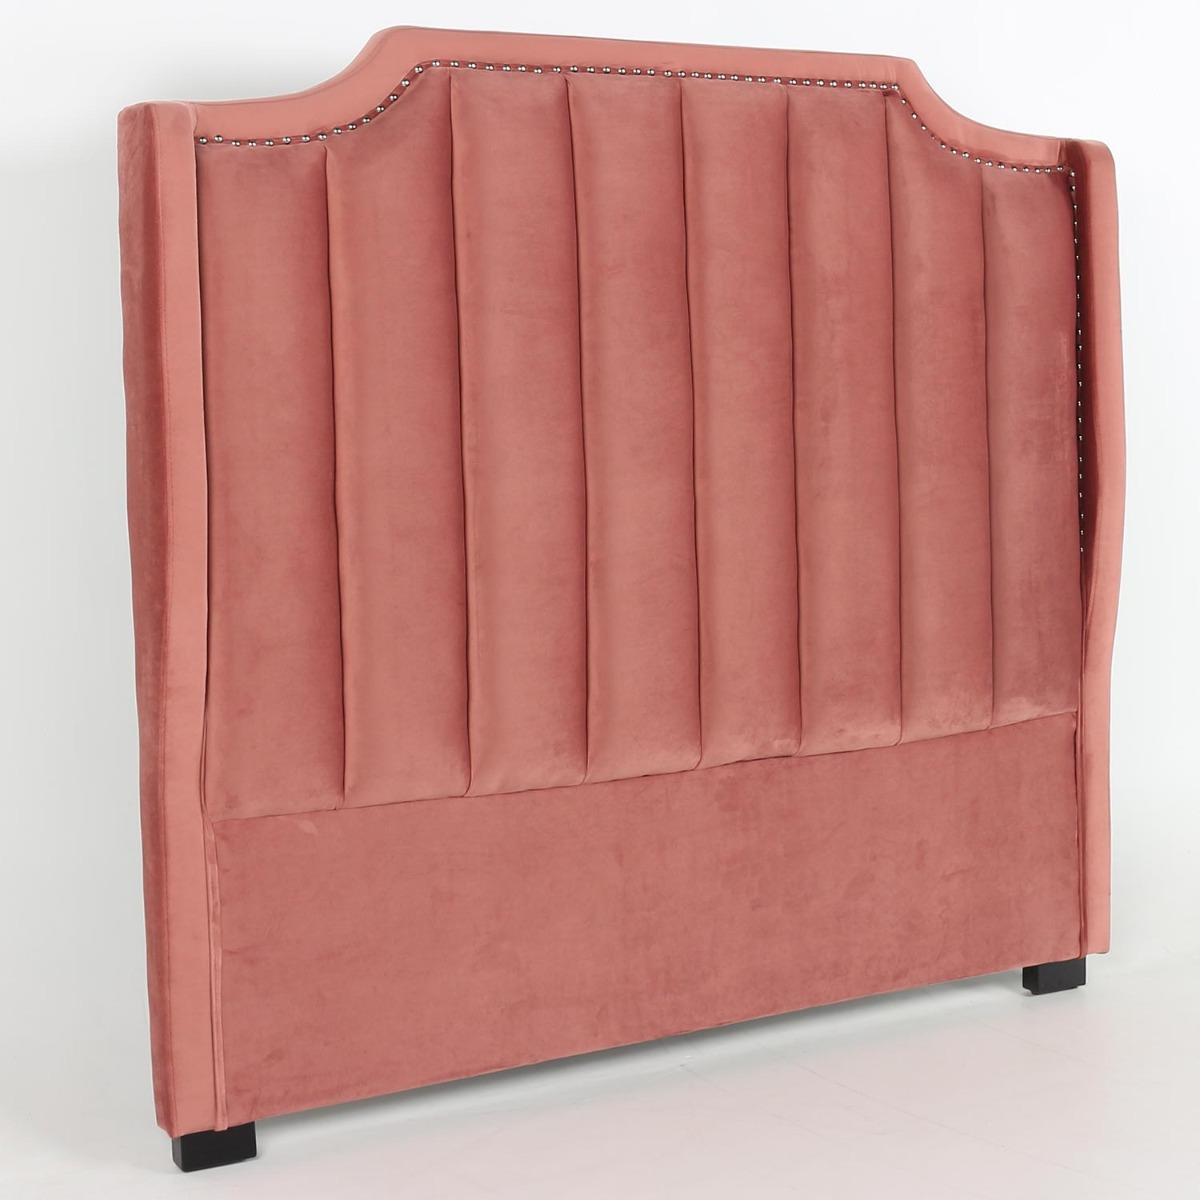 Dhora hoofdeinde 140 cm roze fluweel